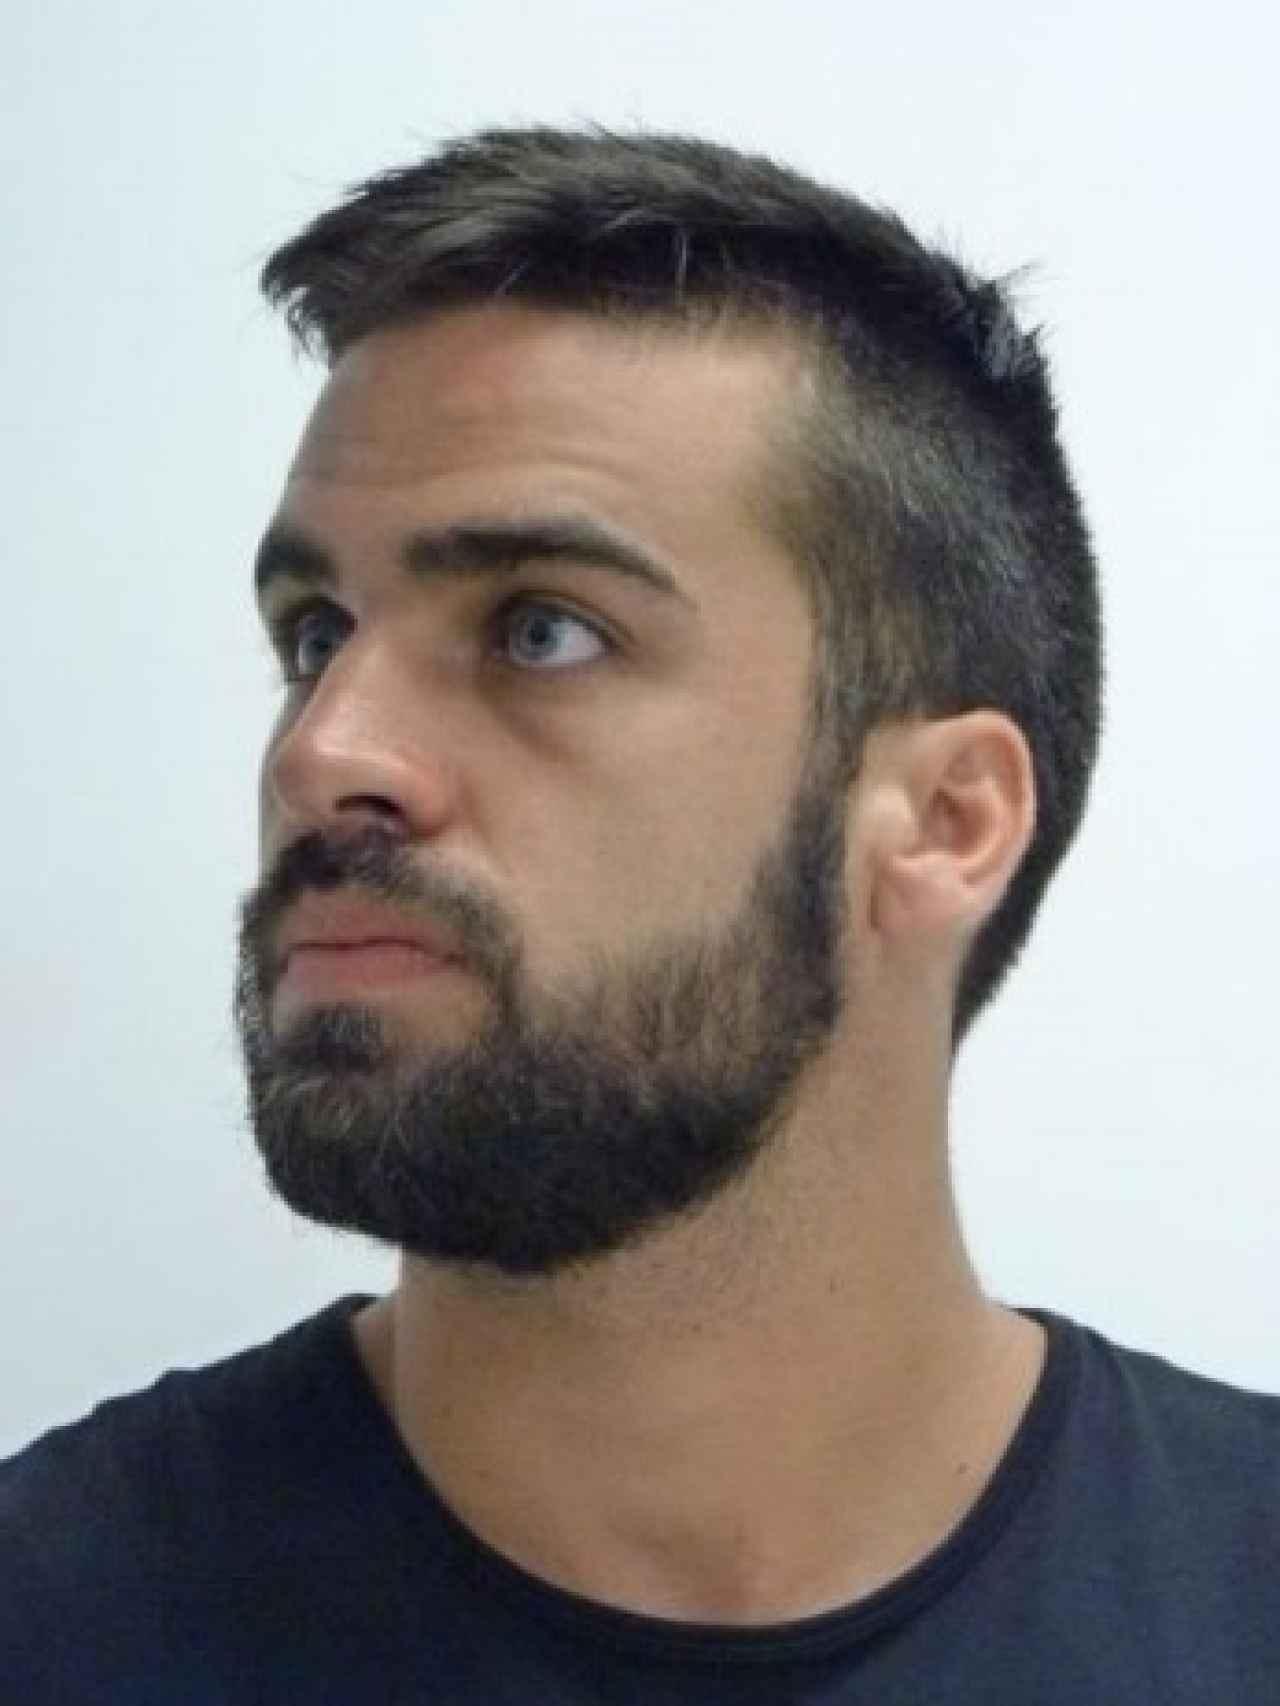 El guardia civil Antonio Manuel Guerrero Escudero fue apartado del cuerpo tras su ingreso en prisión a principios de julio.